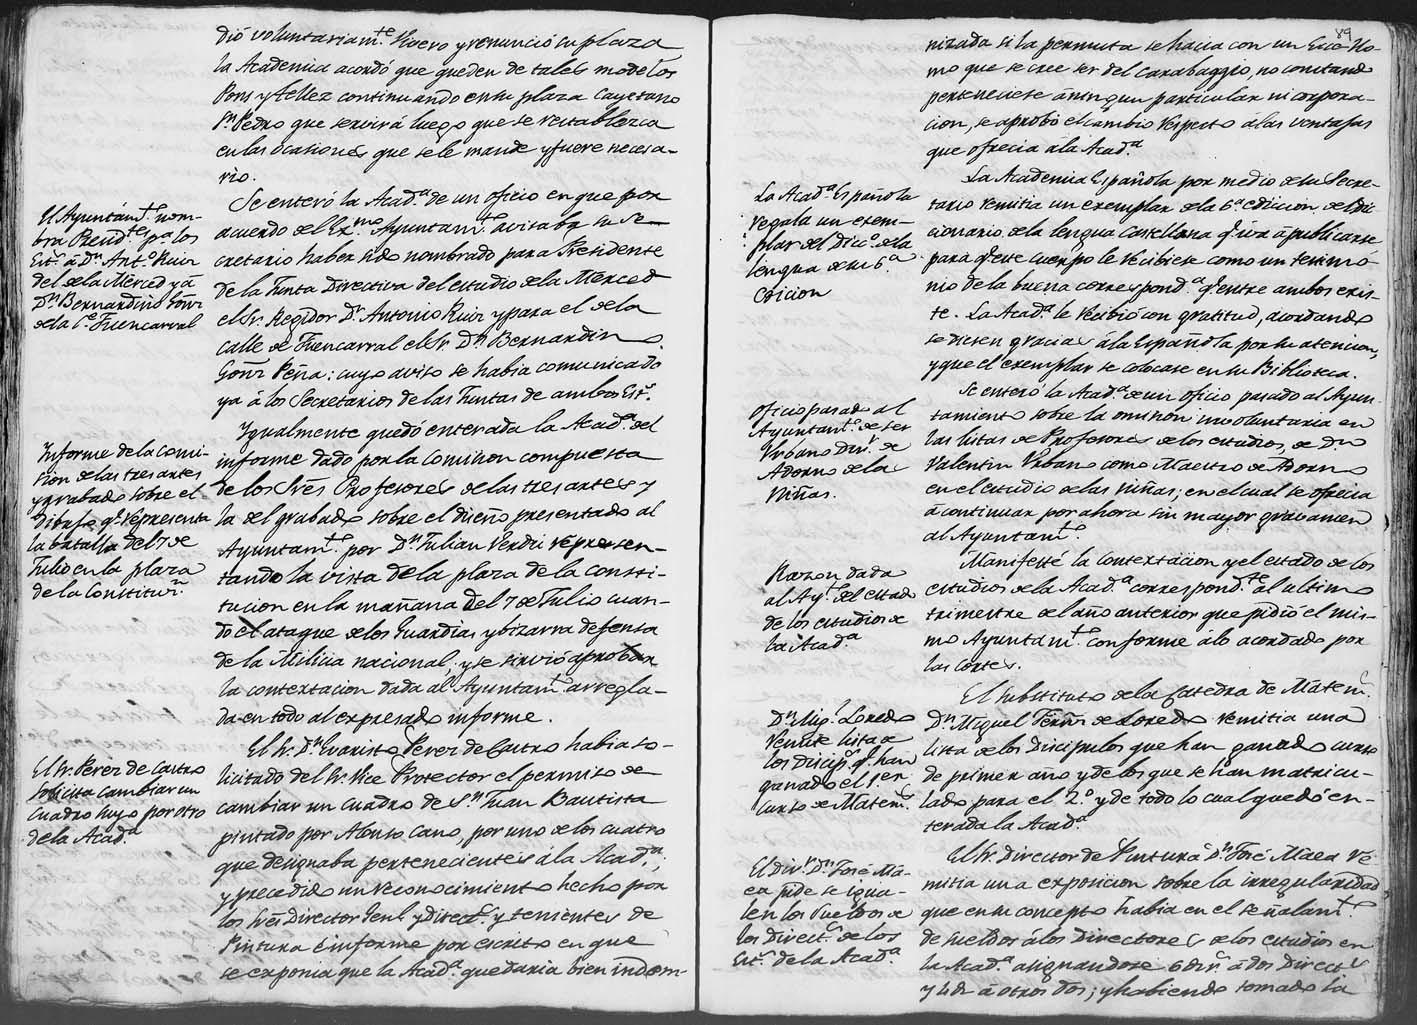 Documento de la permuta de la Real Academia.